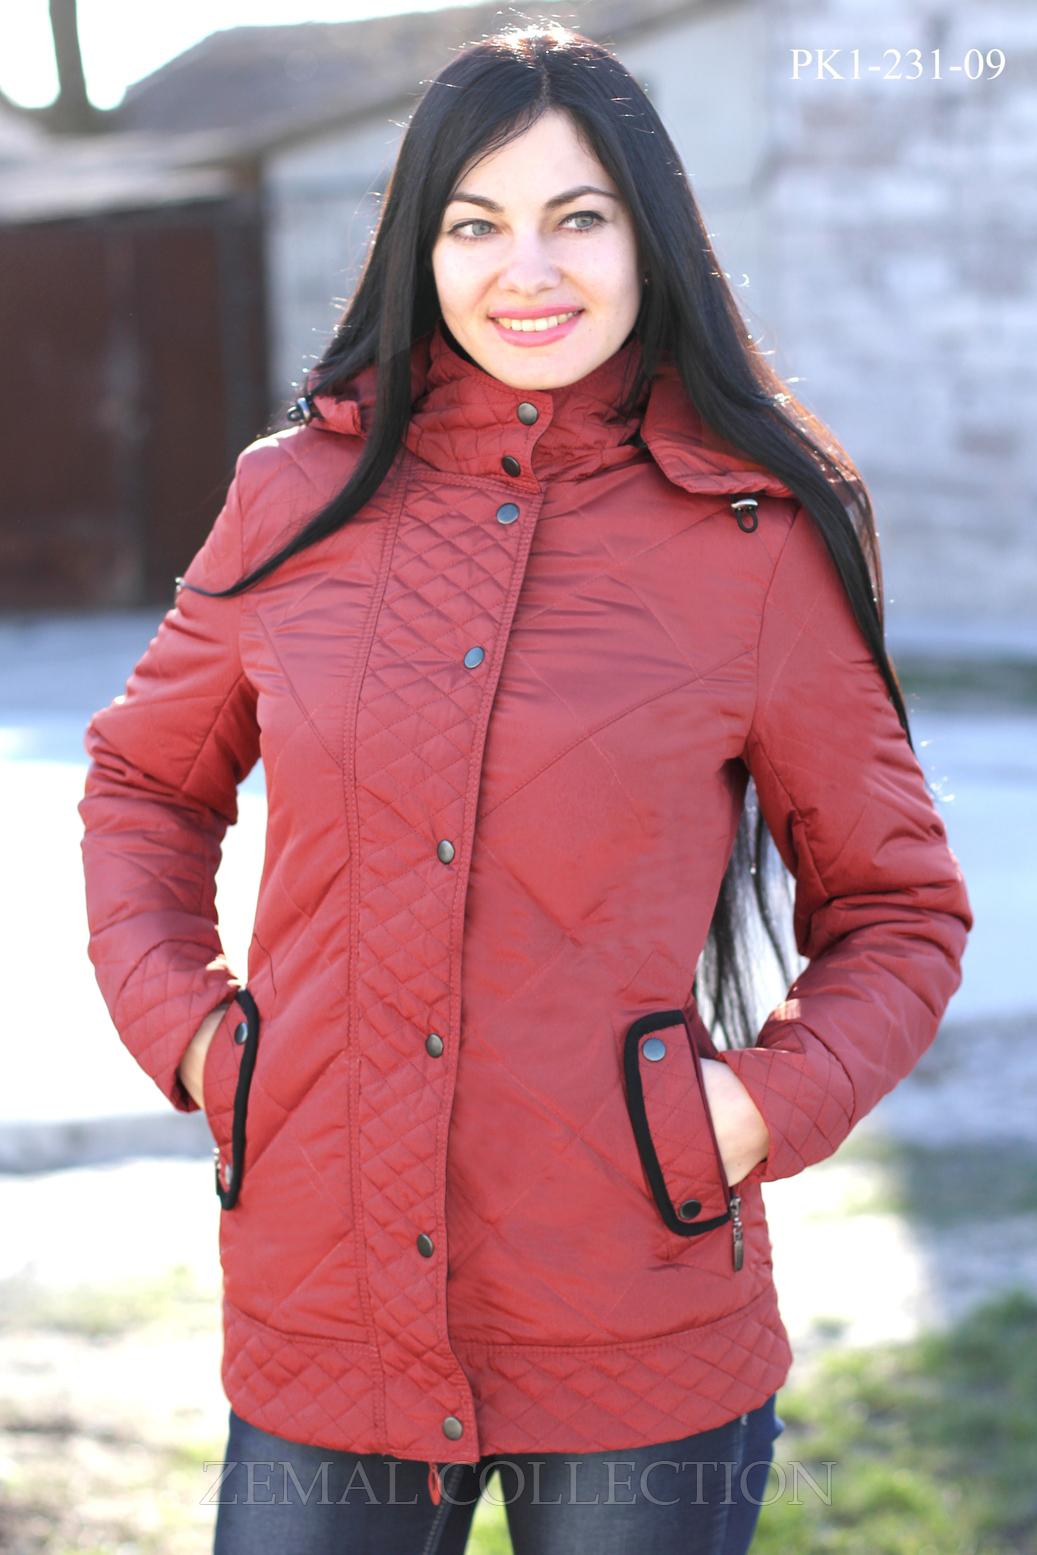 Купить женские куртки оптом от производителя - Zemal